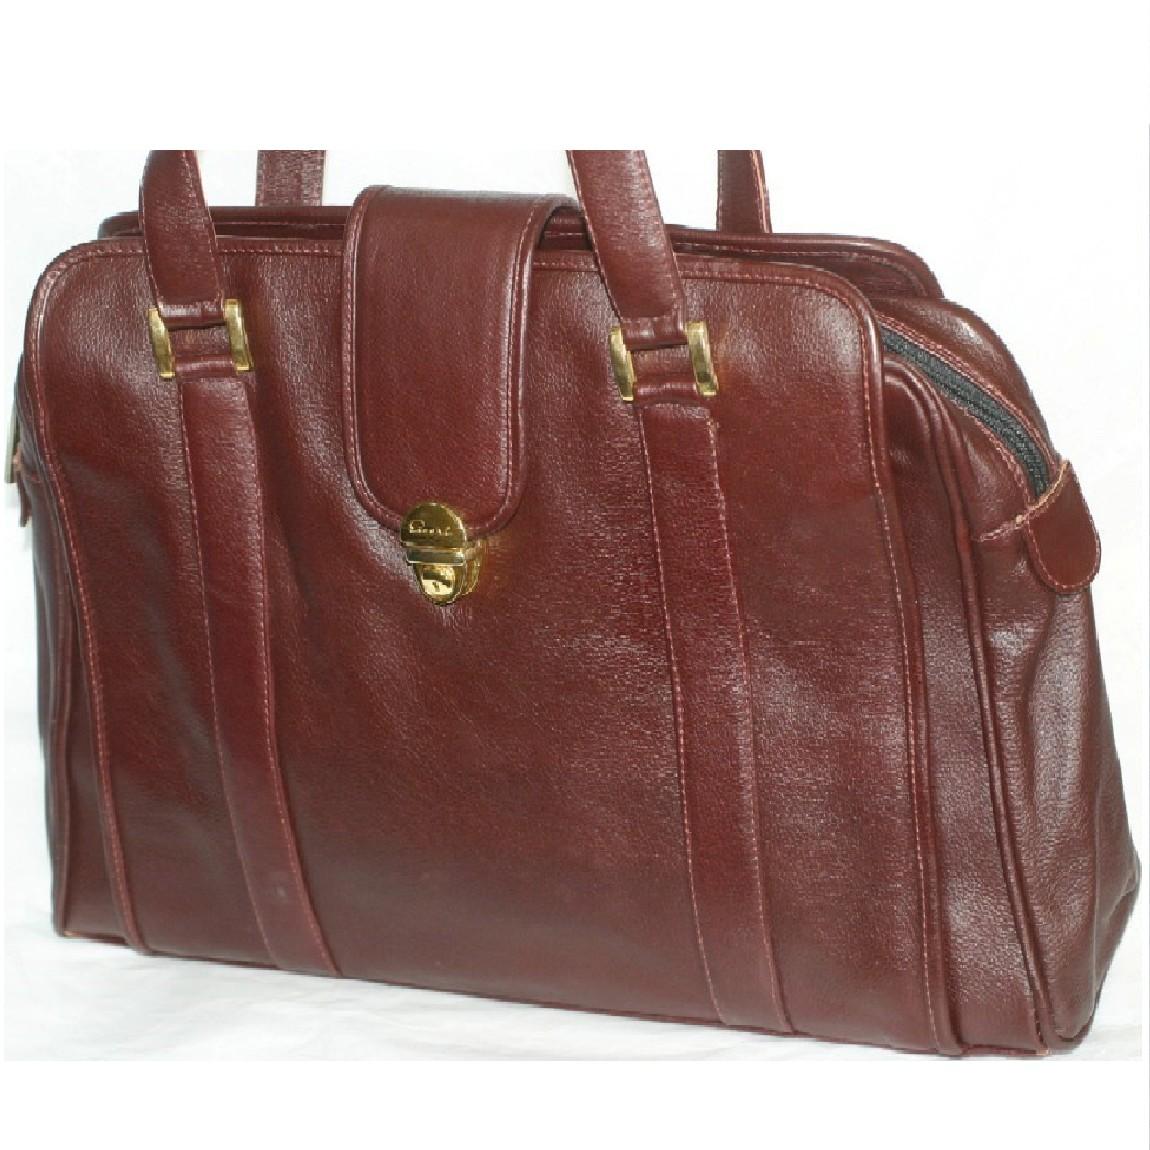 【中古】綺麗女性用ボルドー色カーフ素材PECARIピカリ持ち手の長いトートバッグ兼ボストンバッグ